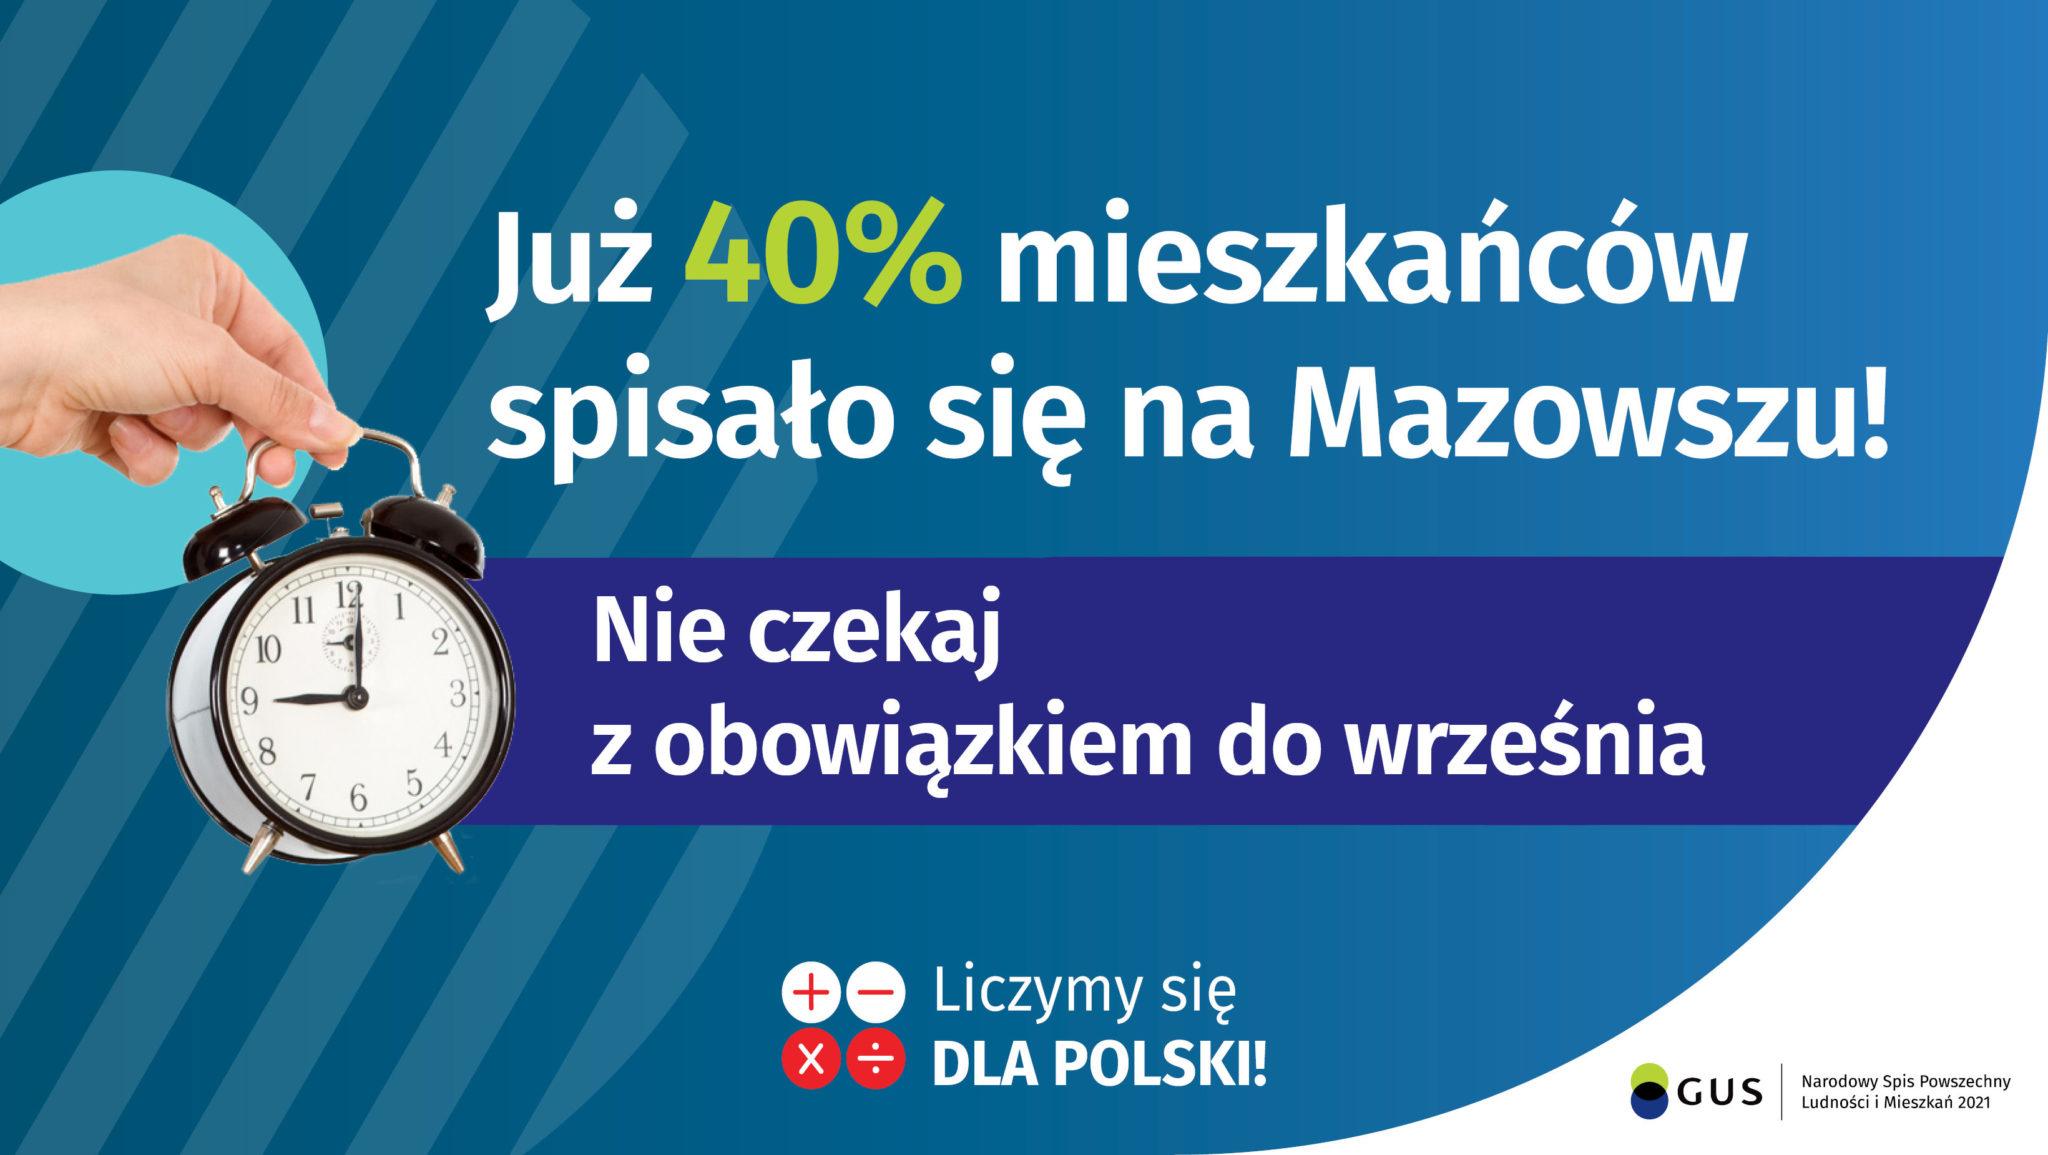 Na grafice jest napis: Już 40% mieszkańców spisało się na Mazowszu! Po lewej stronie jest zdjęcie dłoni na tle okręgu trzymającej budzik. Na wysokości budzika jest napis: Nie czekaj z obowiązkiem do września. Na dole grafiki są cztery małe koła ze znakami dodawania, odejmowania, mnożenia i dzielenia, obok nich napis: Liczymy się dla Polski! W prawym dolnym rogu jest logotyp spisu: dwa nachodzące na siebie pionowo koła, GUS, pionowa kreska, Narodowy Spis Powszechny Ludności i Mieszkań 2021.